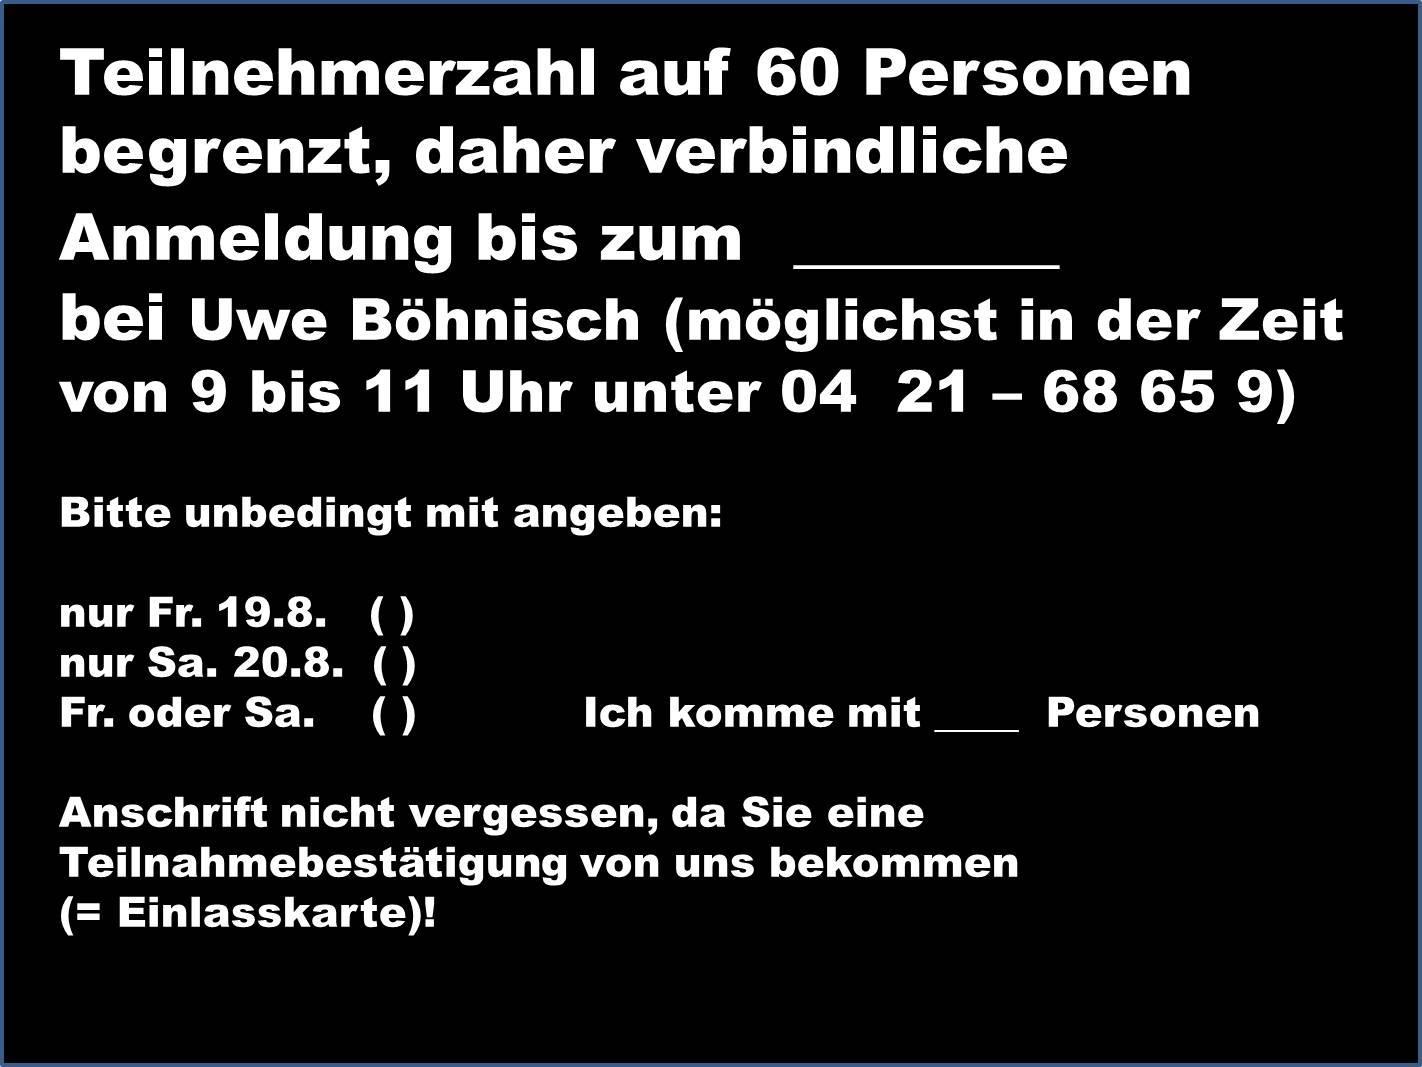 G:\A Kämmerei Verein\a Verlassene Räume\Werbefilm\Begrenzte Personenzahl für Einblicke.jpg